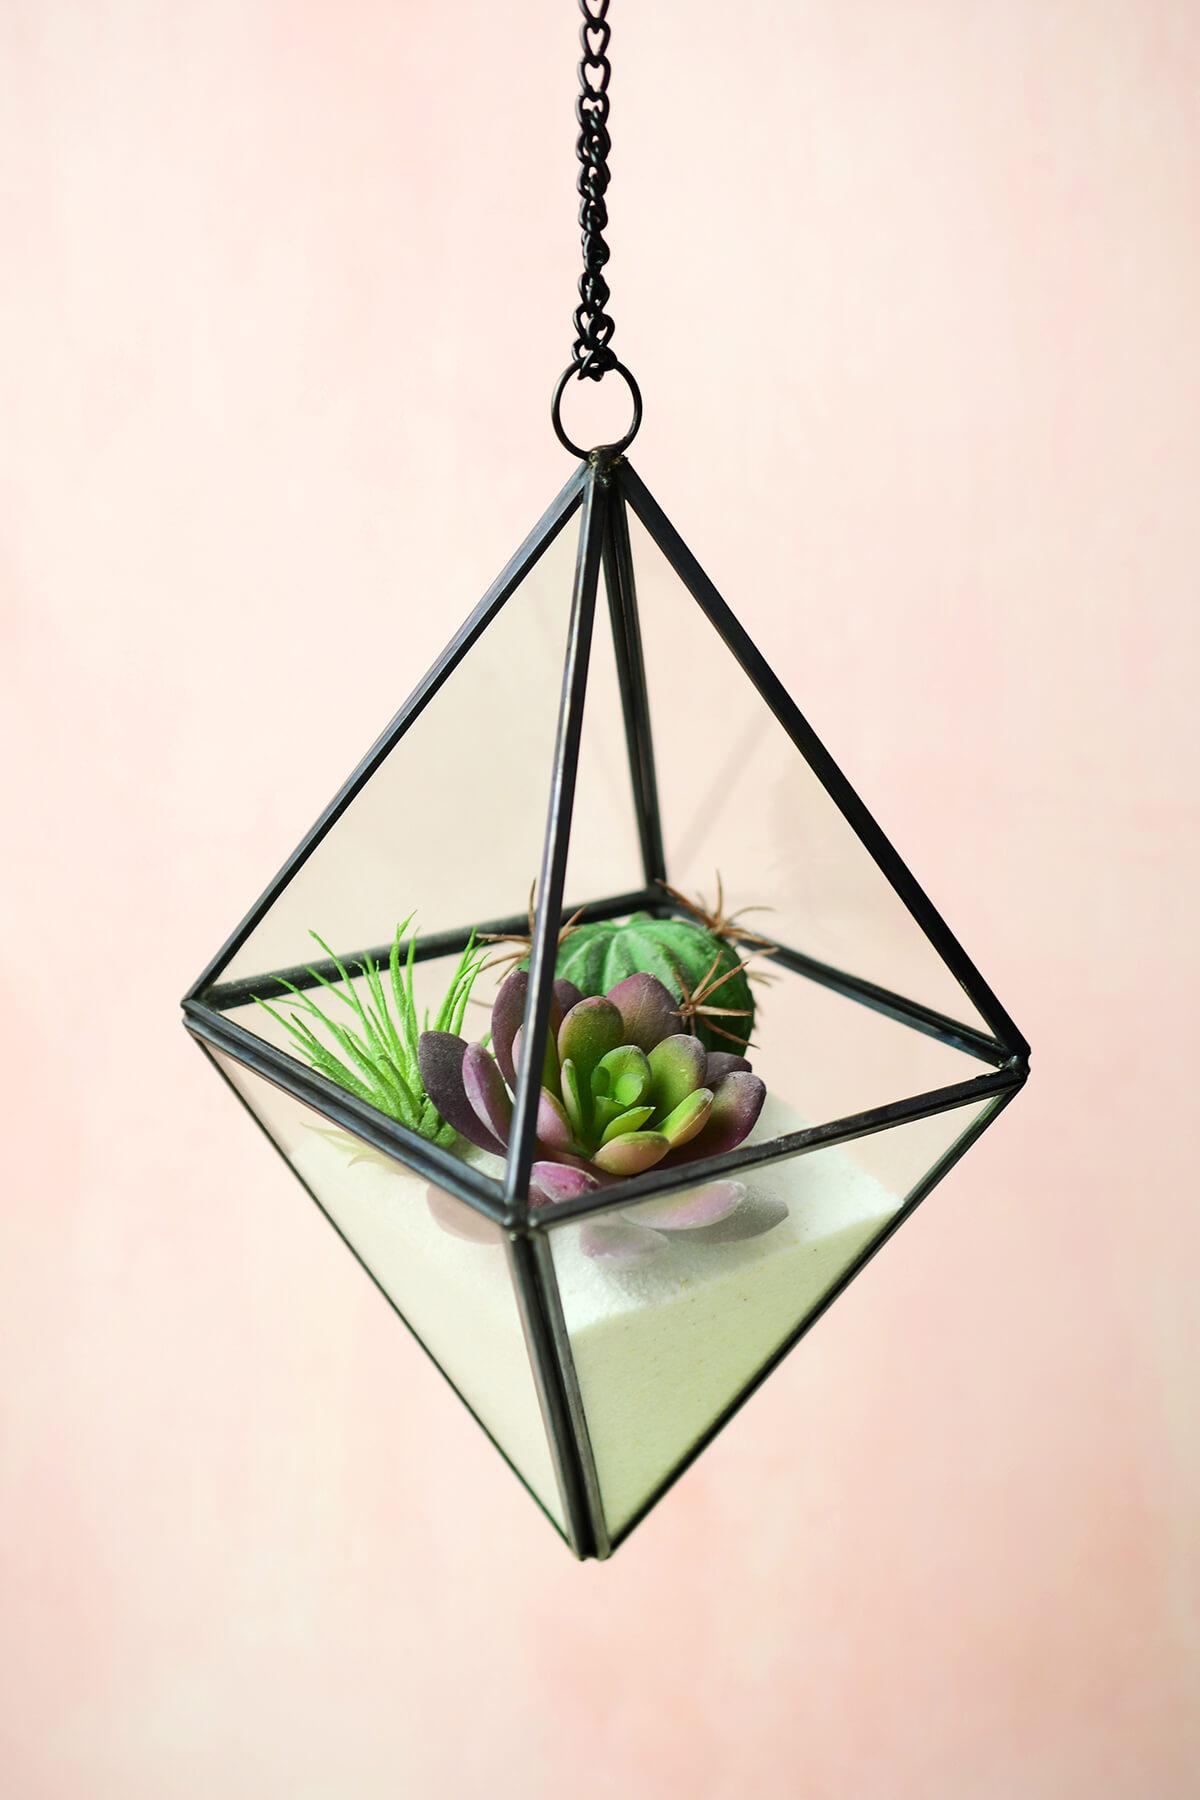 Hanging 8 Quot Octahedron Glass Amp Metal Terrarium